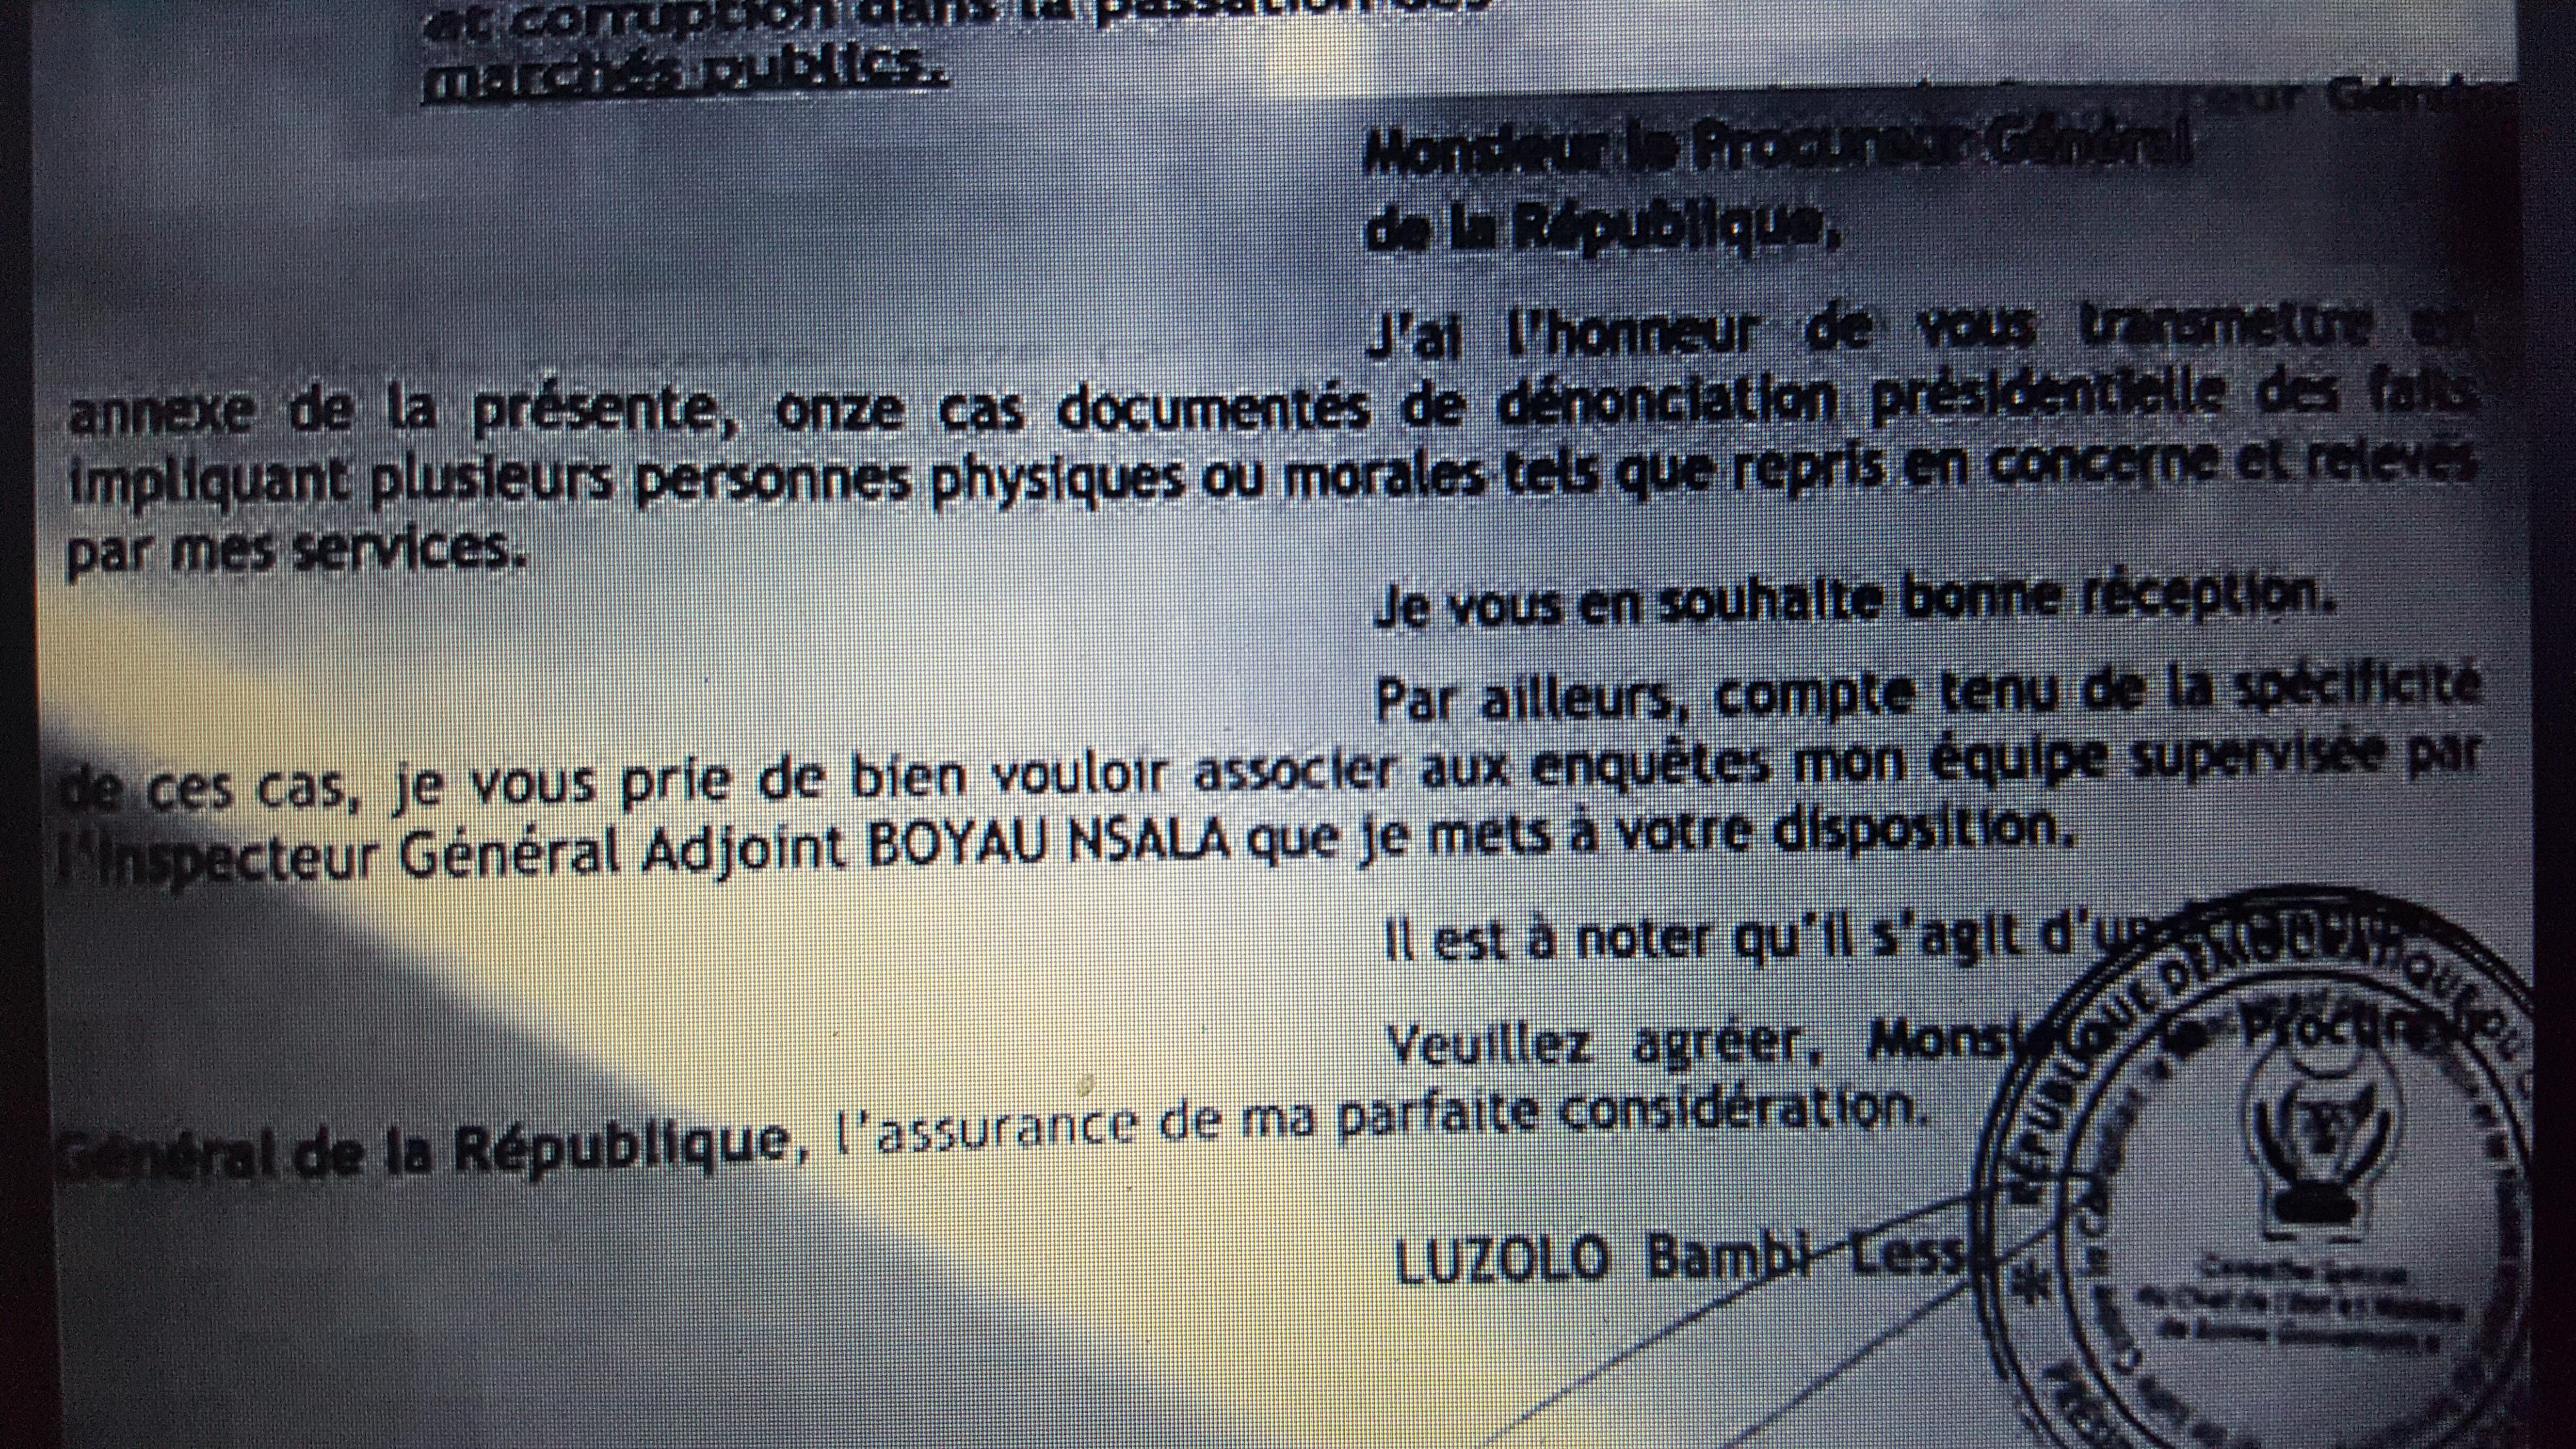 RDC : Corruption, les grandes lignes de la dénonciation présidentielle 5